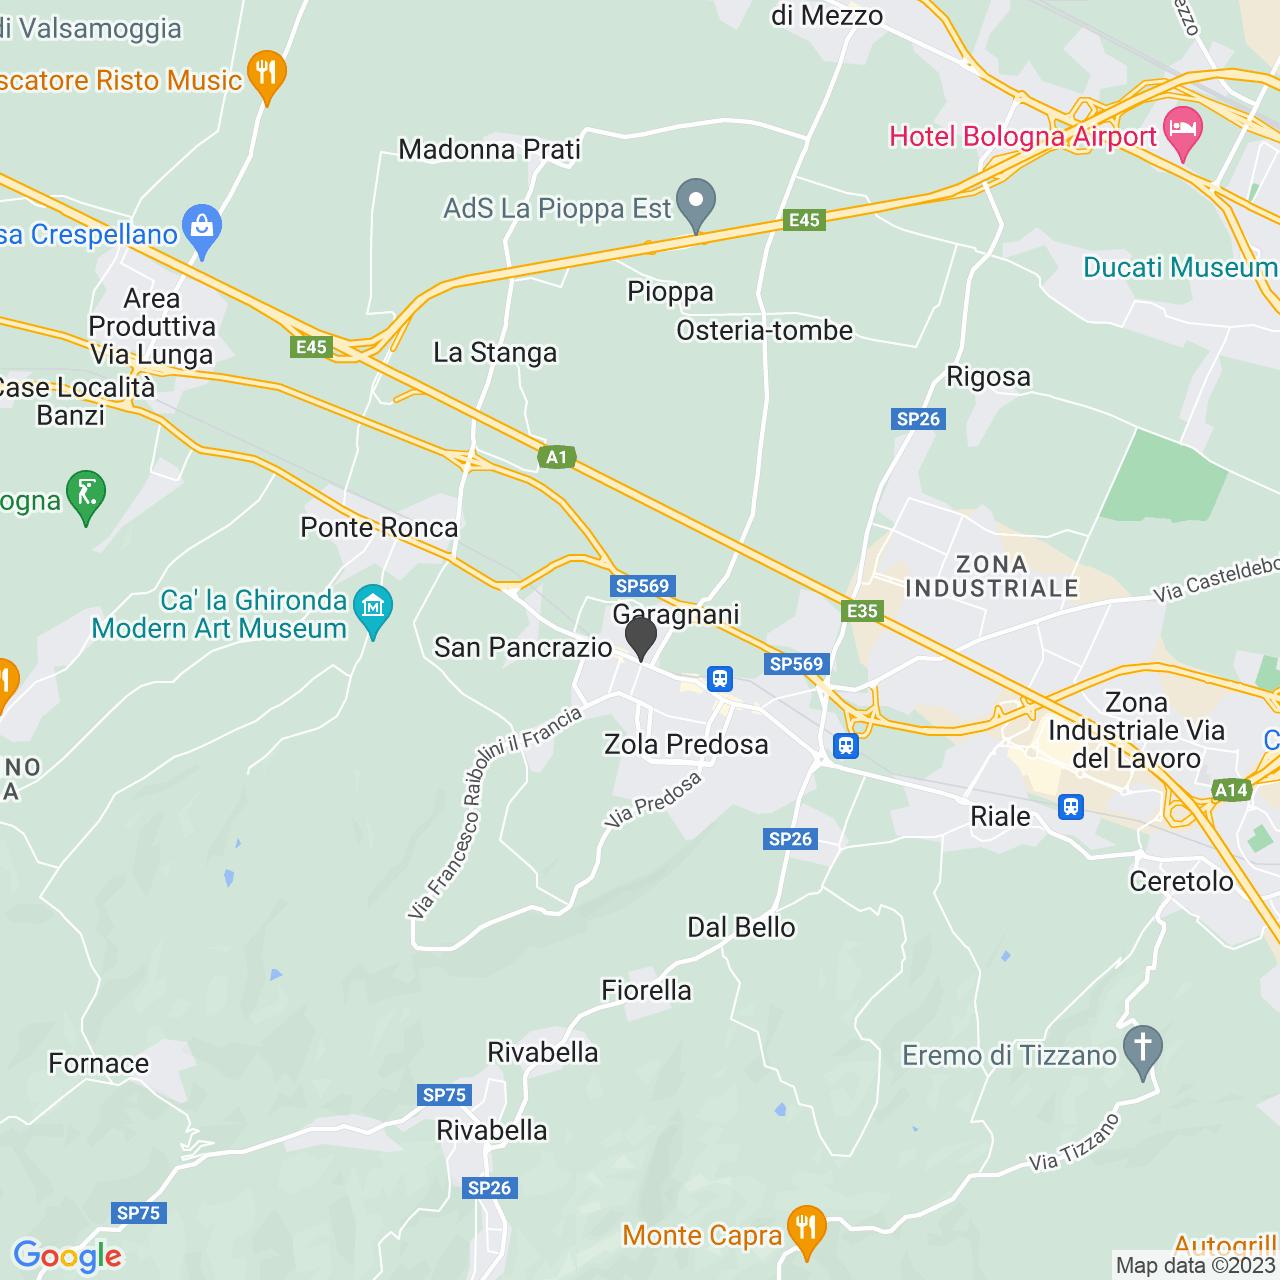 Chiesa dei Santi Nicolò e Agata di Zola Predosa